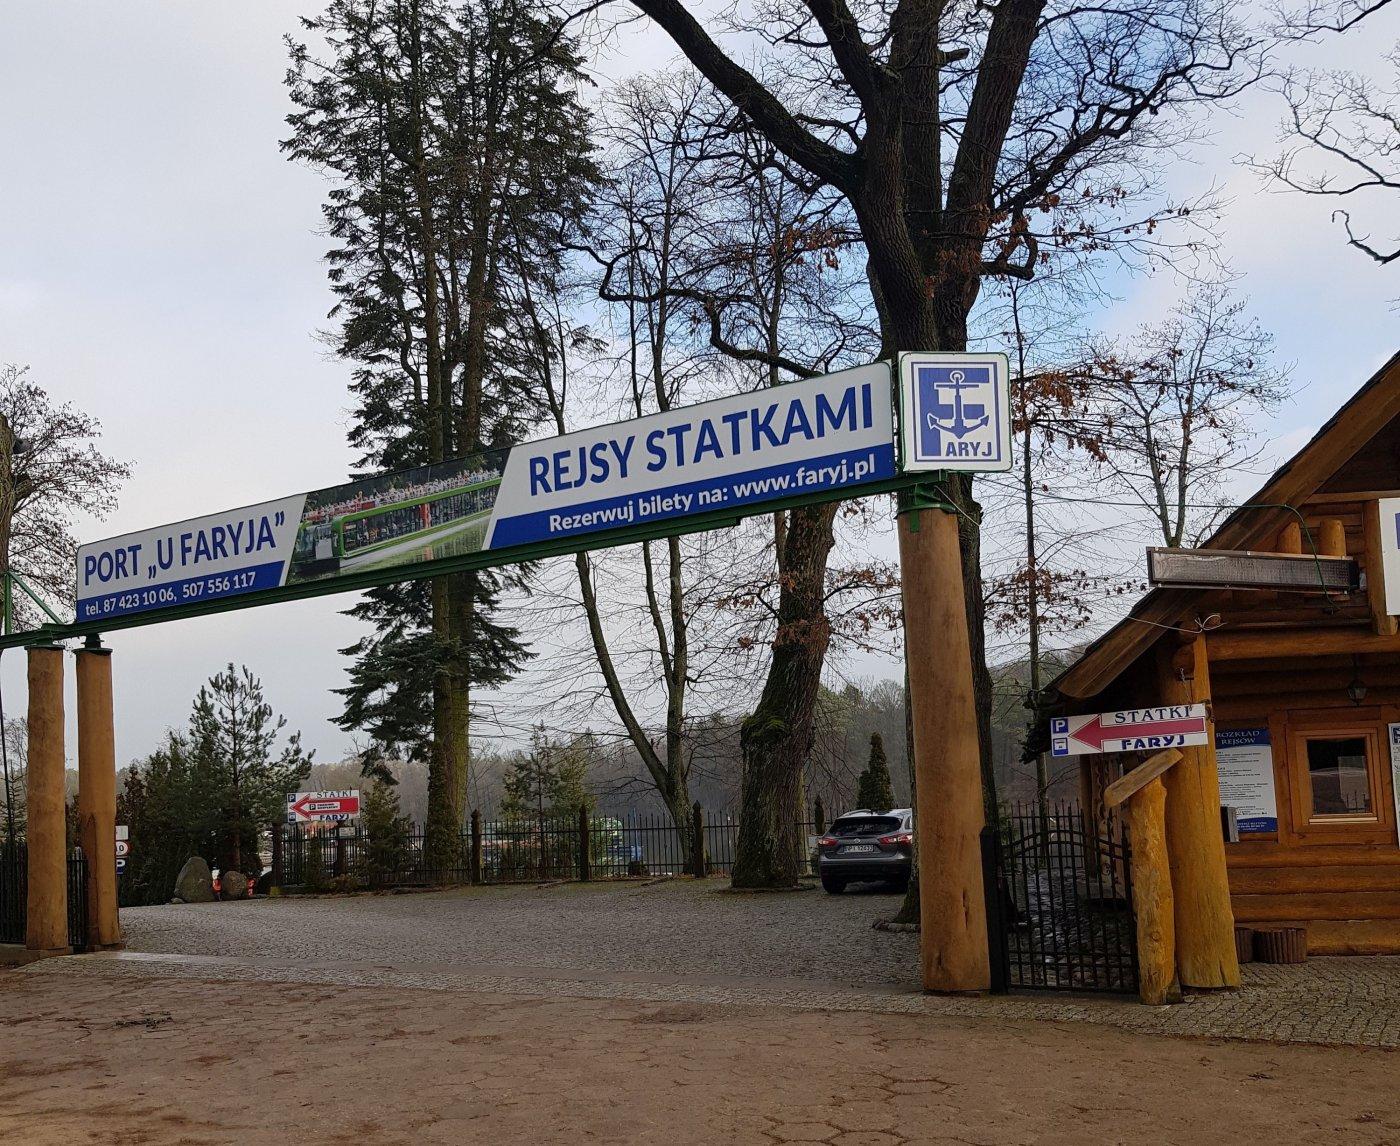 Wejście na teren Portu u Faryja